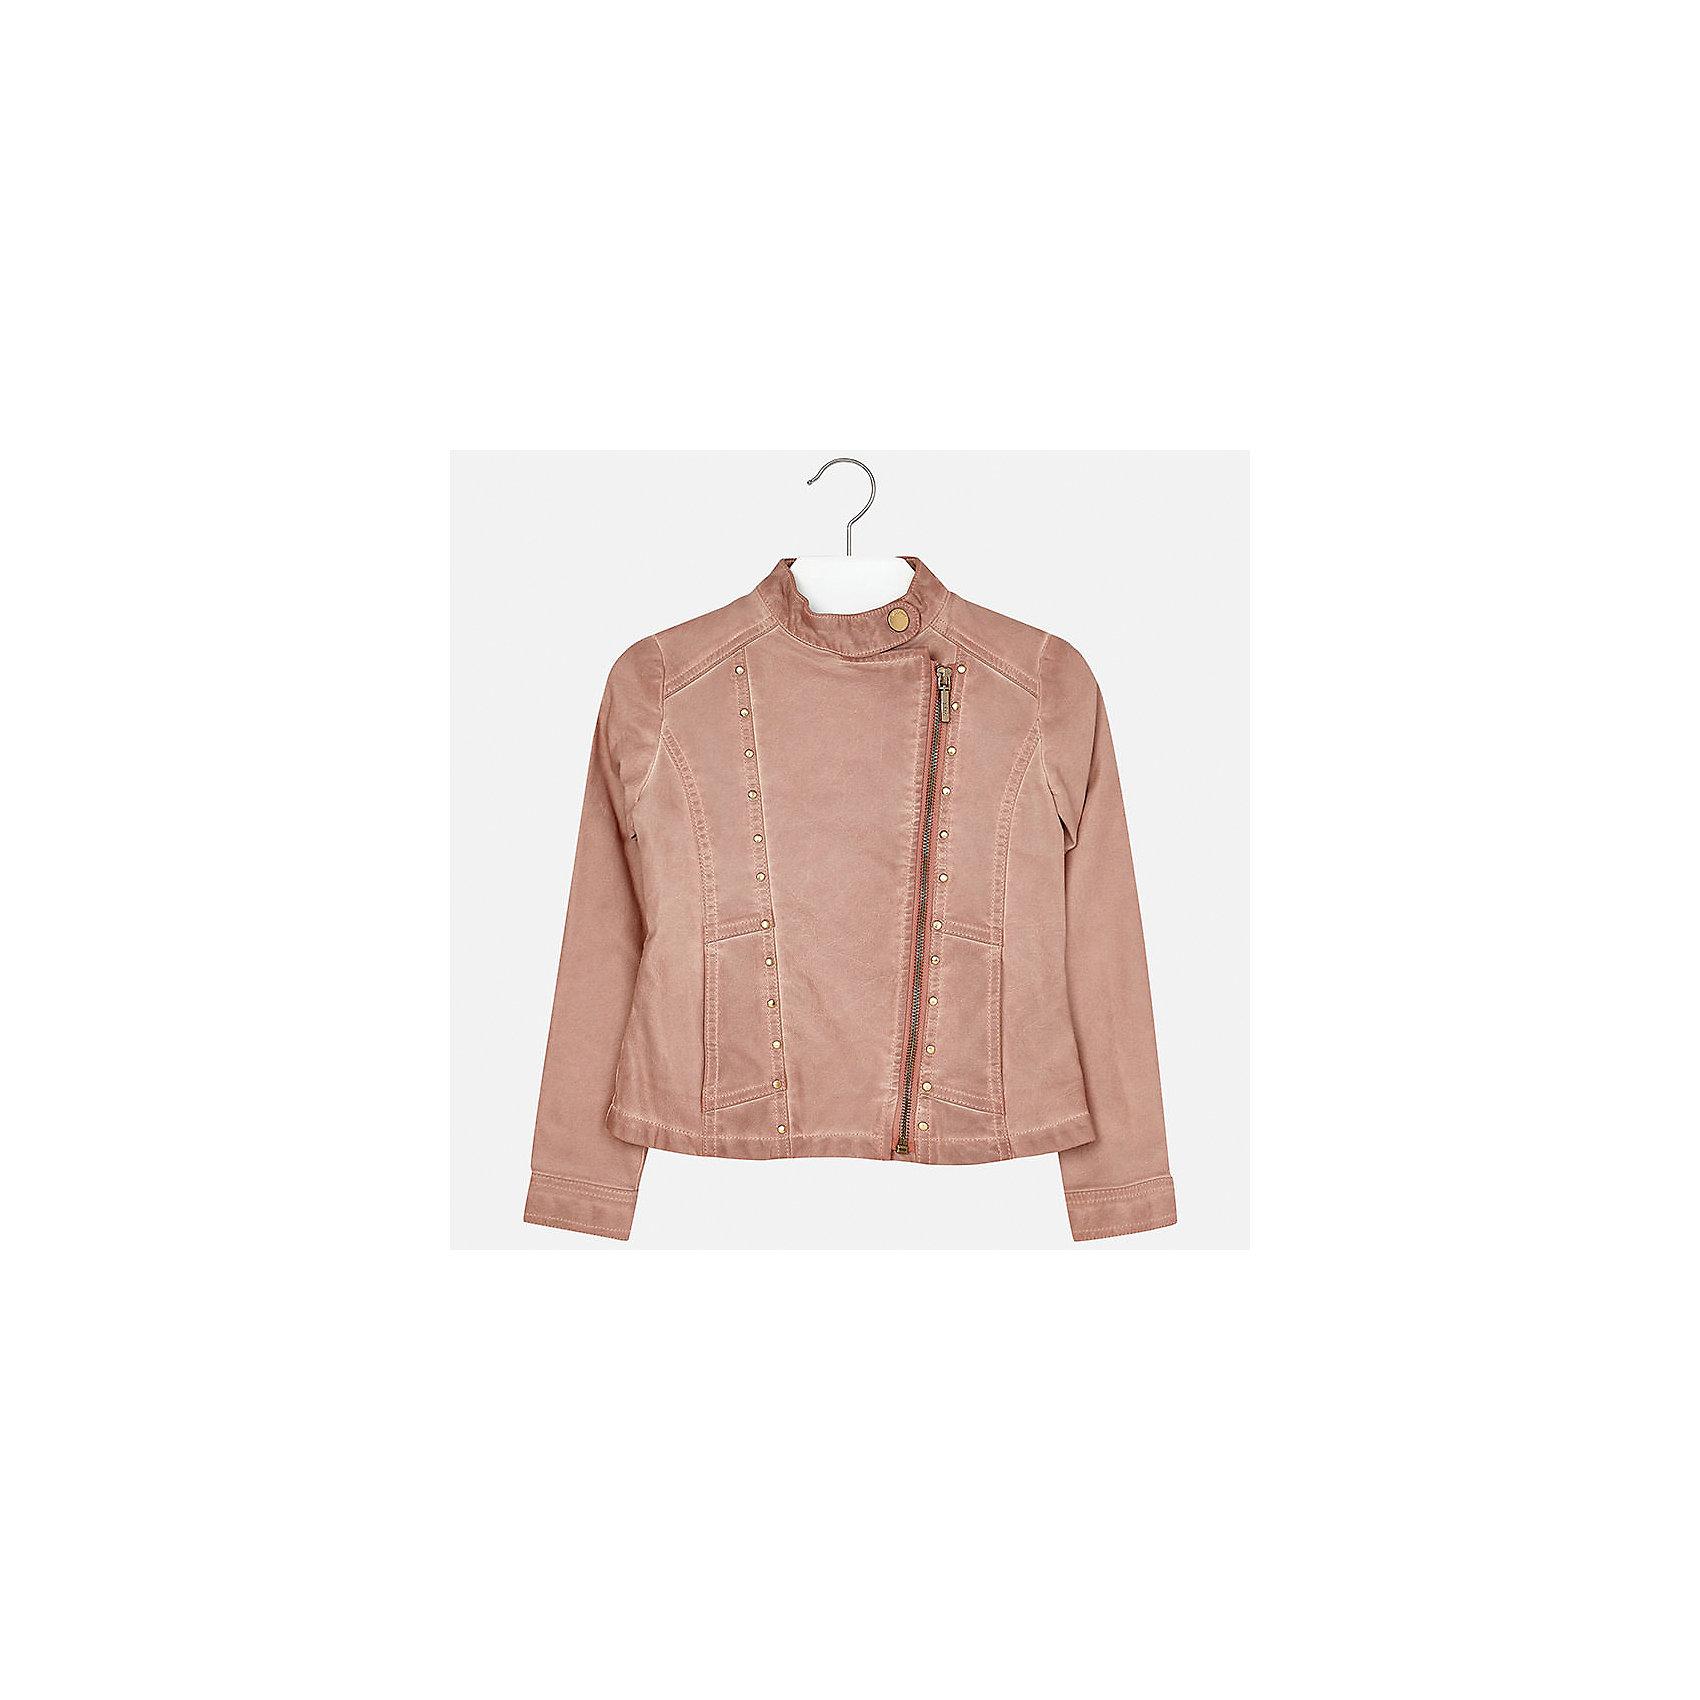 Куртка для девочки MayoralВетровки и жакеты<br>Характеристики товара:<br><br>• цвет: розовый<br>• состав: 100% полиуретан, подкладка - 100% полиэстер<br>• косая молния<br>• карманы<br>• с длинными рукавами <br>• металлические элементы на планке<br>• страна бренда: Испания<br><br>Очень стильная куртка для девочки поможет разнообразить гардероб ребенка и украсить наряд. Он отлично сочетается и с юбками, и с брюками. Универсальный цвет позволяет подобрать к вещи низ различных расцветок. Интересная отделка модели делает её нарядной и оригинальной.<br><br>Одежда, обувь и аксессуары от испанского бренда Mayoral полюбились детям и взрослым по всему миру. Модели этой марки - стильные и удобные. Для их производства используются только безопасные, качественные материалы и фурнитура. Порадуйте ребенка модными и красивыми вещами от Mayoral! <br><br>Куртку для девочки от испанского бренда Mayoral (Майорал) можно купить в нашем интернет-магазине.<br><br>Ширина мм: 356<br>Глубина мм: 10<br>Высота мм: 245<br>Вес г: 519<br>Цвет: розовый<br>Возраст от месяцев: 168<br>Возраст до месяцев: 180<br>Пол: Женский<br>Возраст: Детский<br>Размер: 170,140,128/134,152,158,164<br>SKU: 5292863